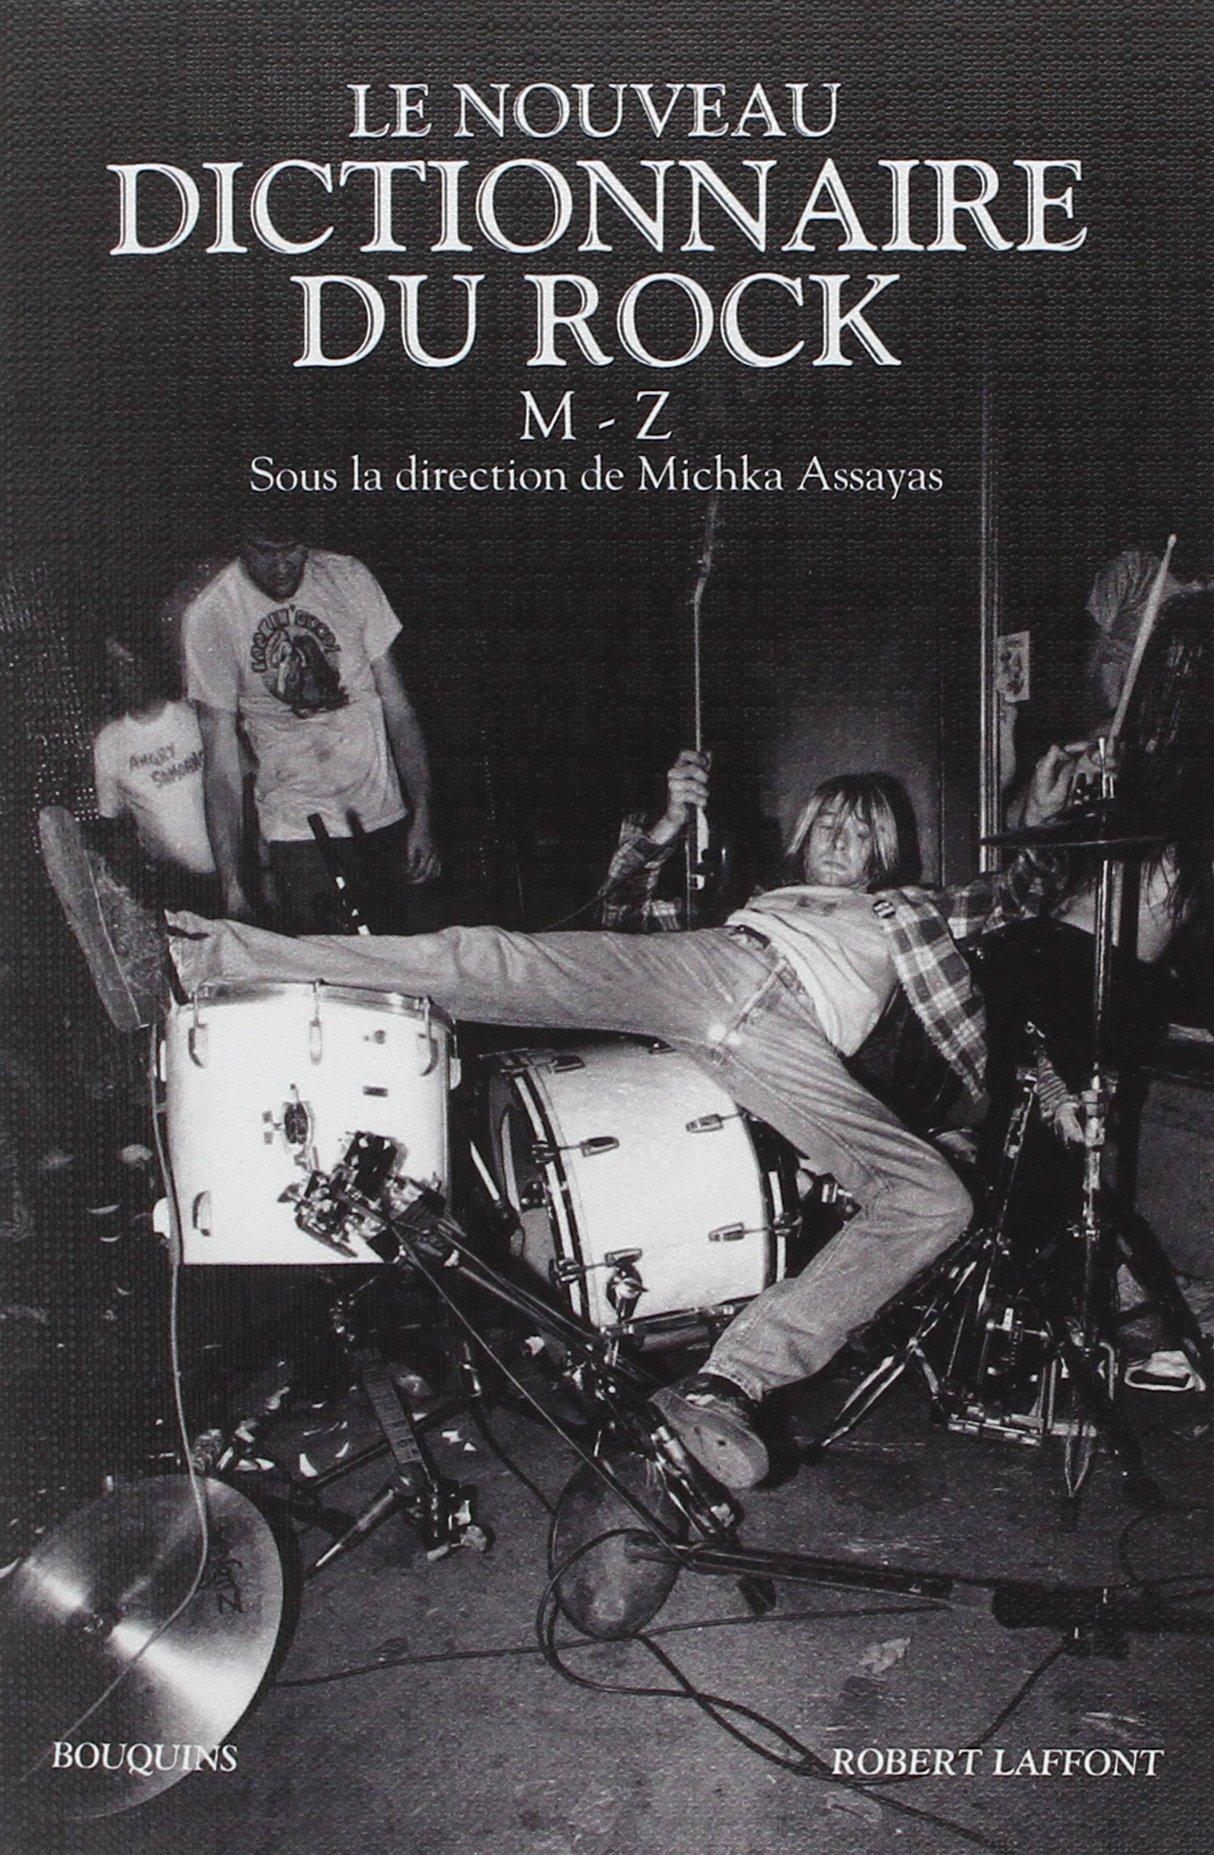 DICTIONNAIRE DU ROCK (3)